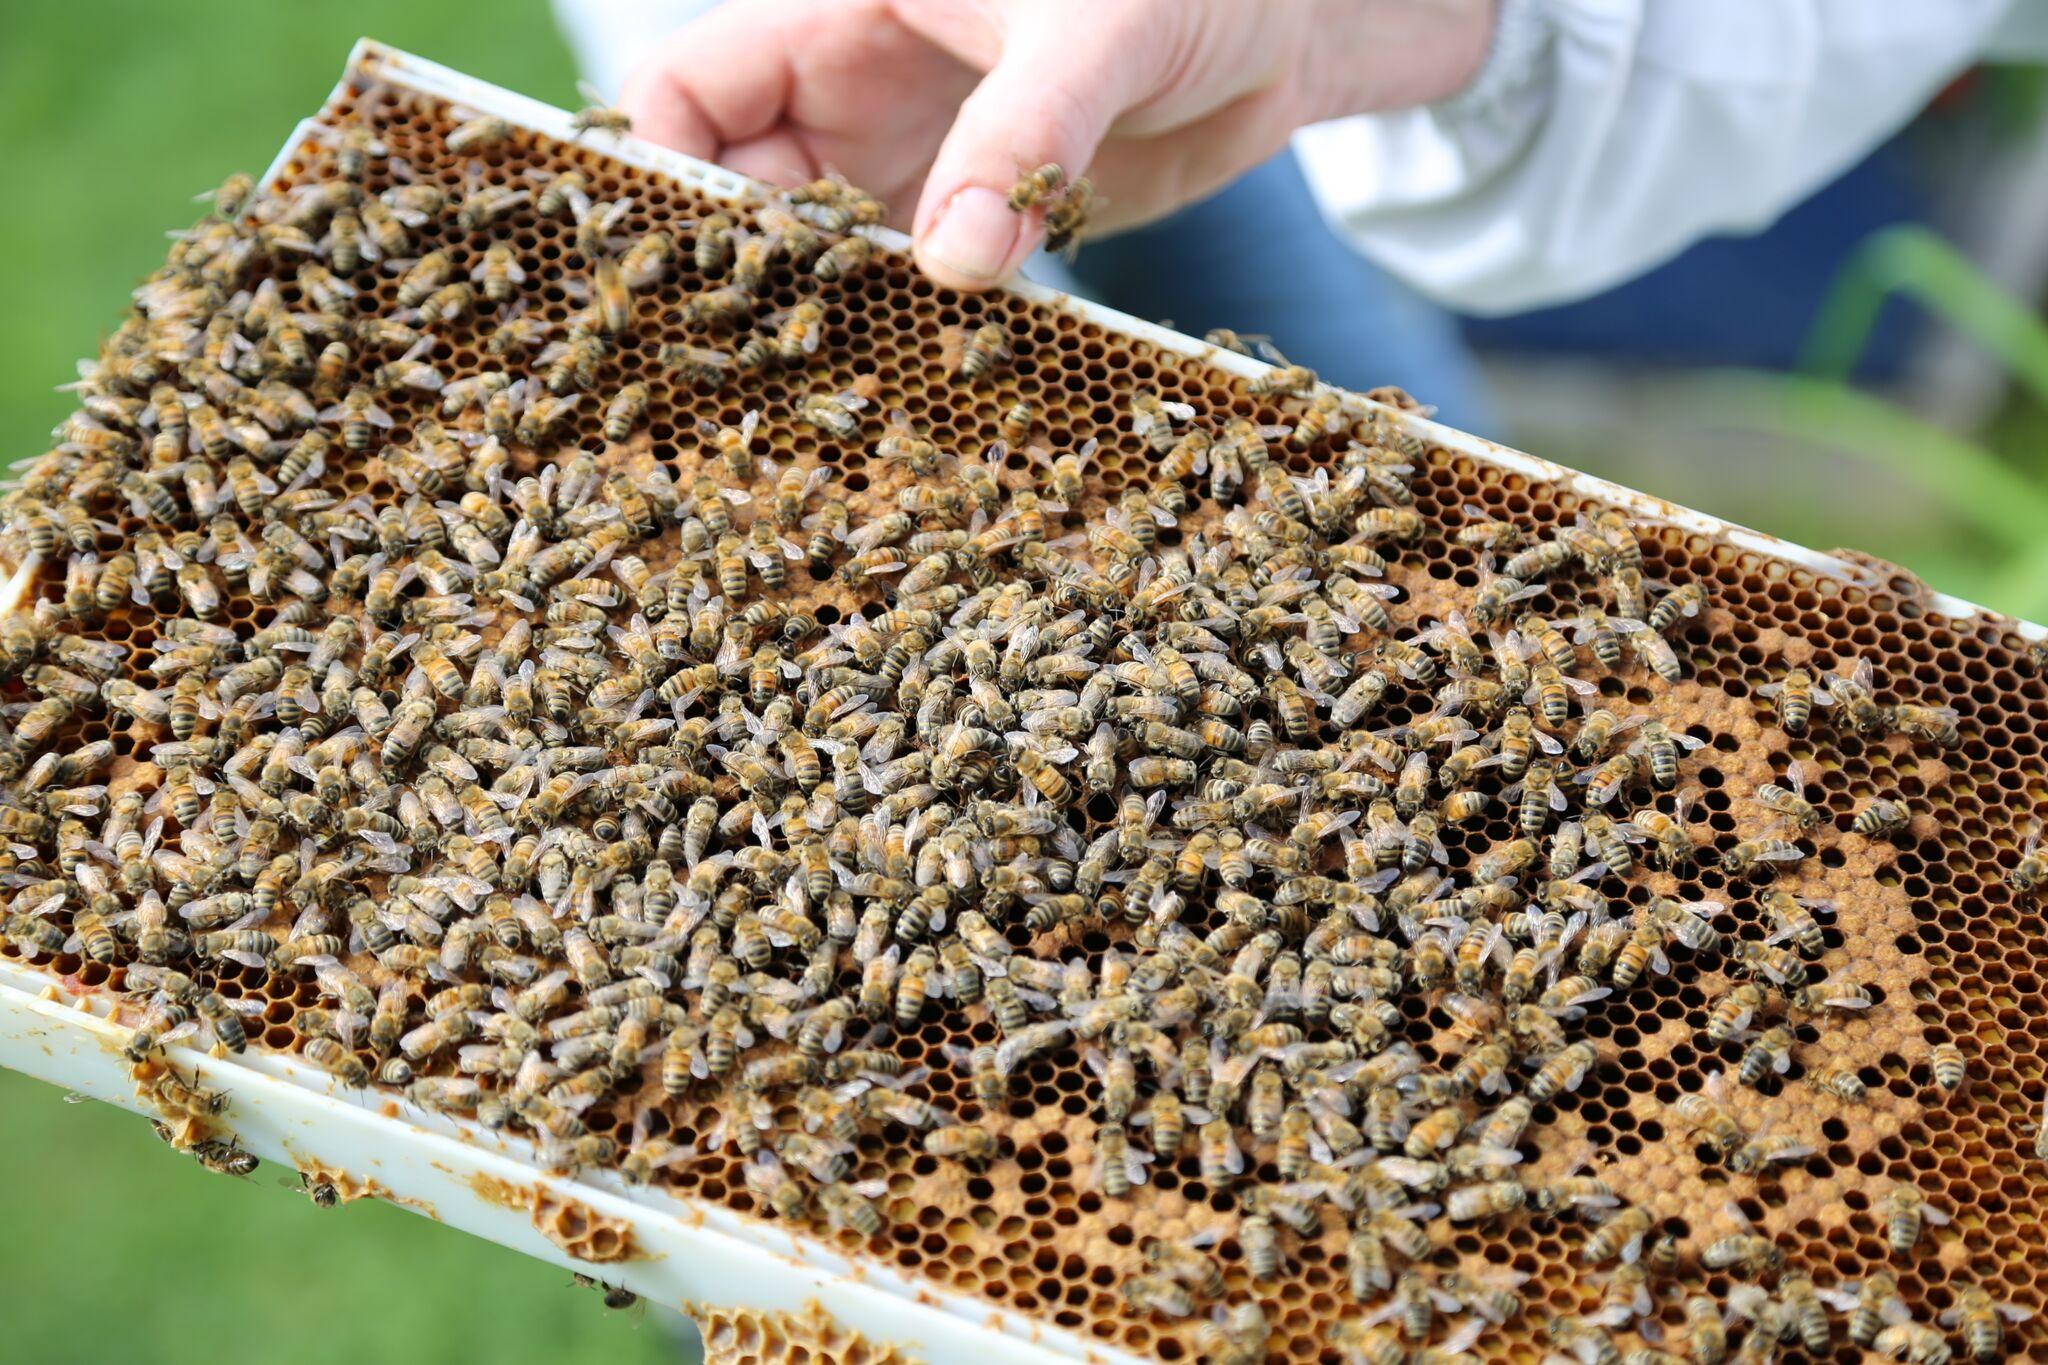 Découvrir l'univers fascinant des abeilles chez Intermiel